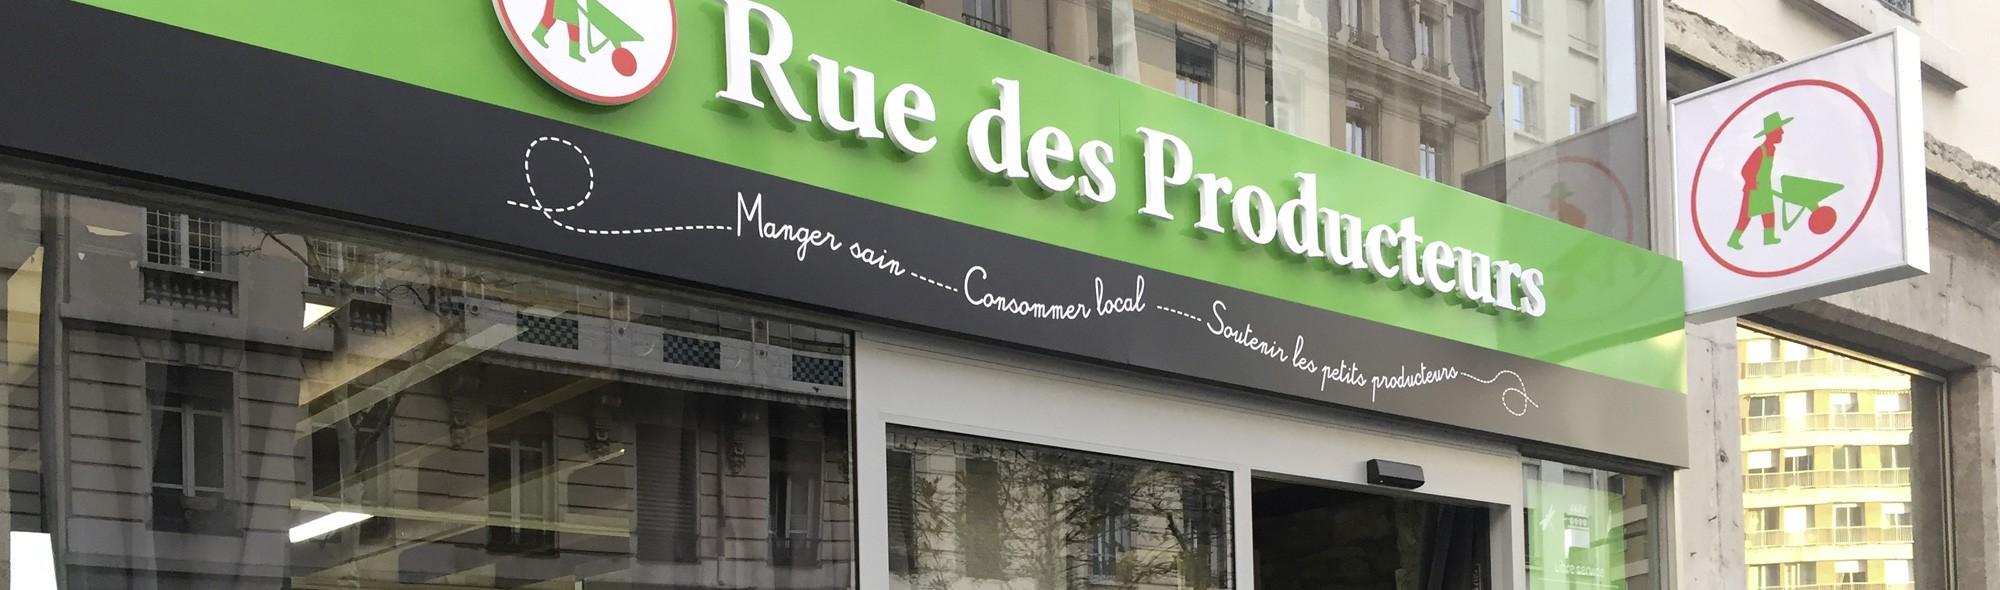 Magasin Rue des producteurs à lyon 108 cours gambetta